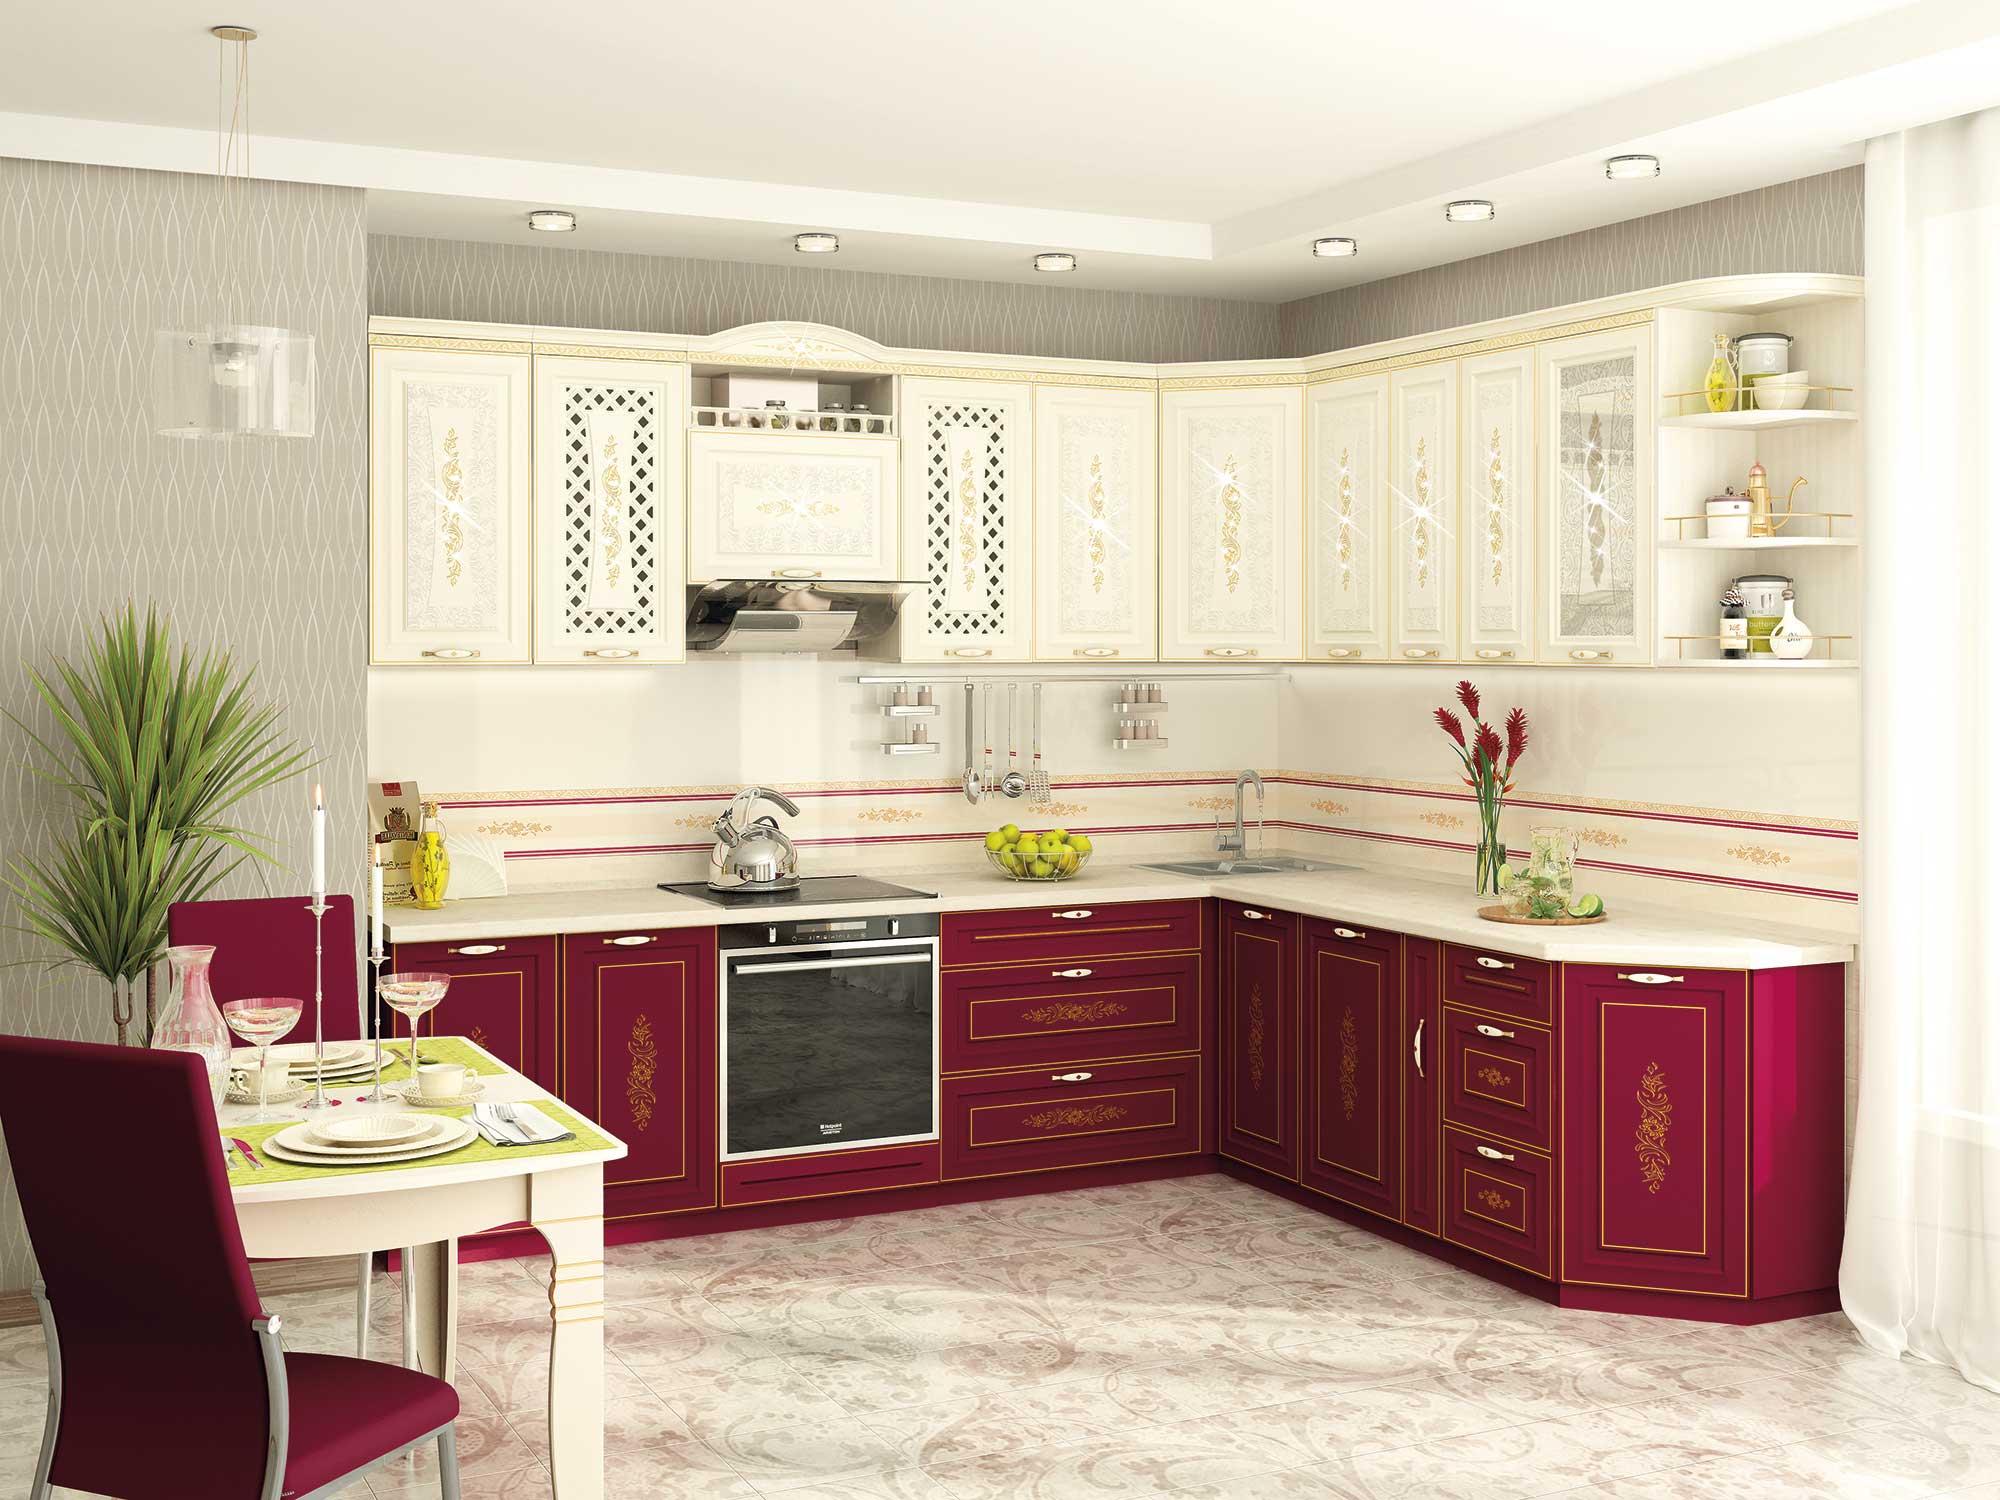 самые красивые кухонные гарнитуры фото строго